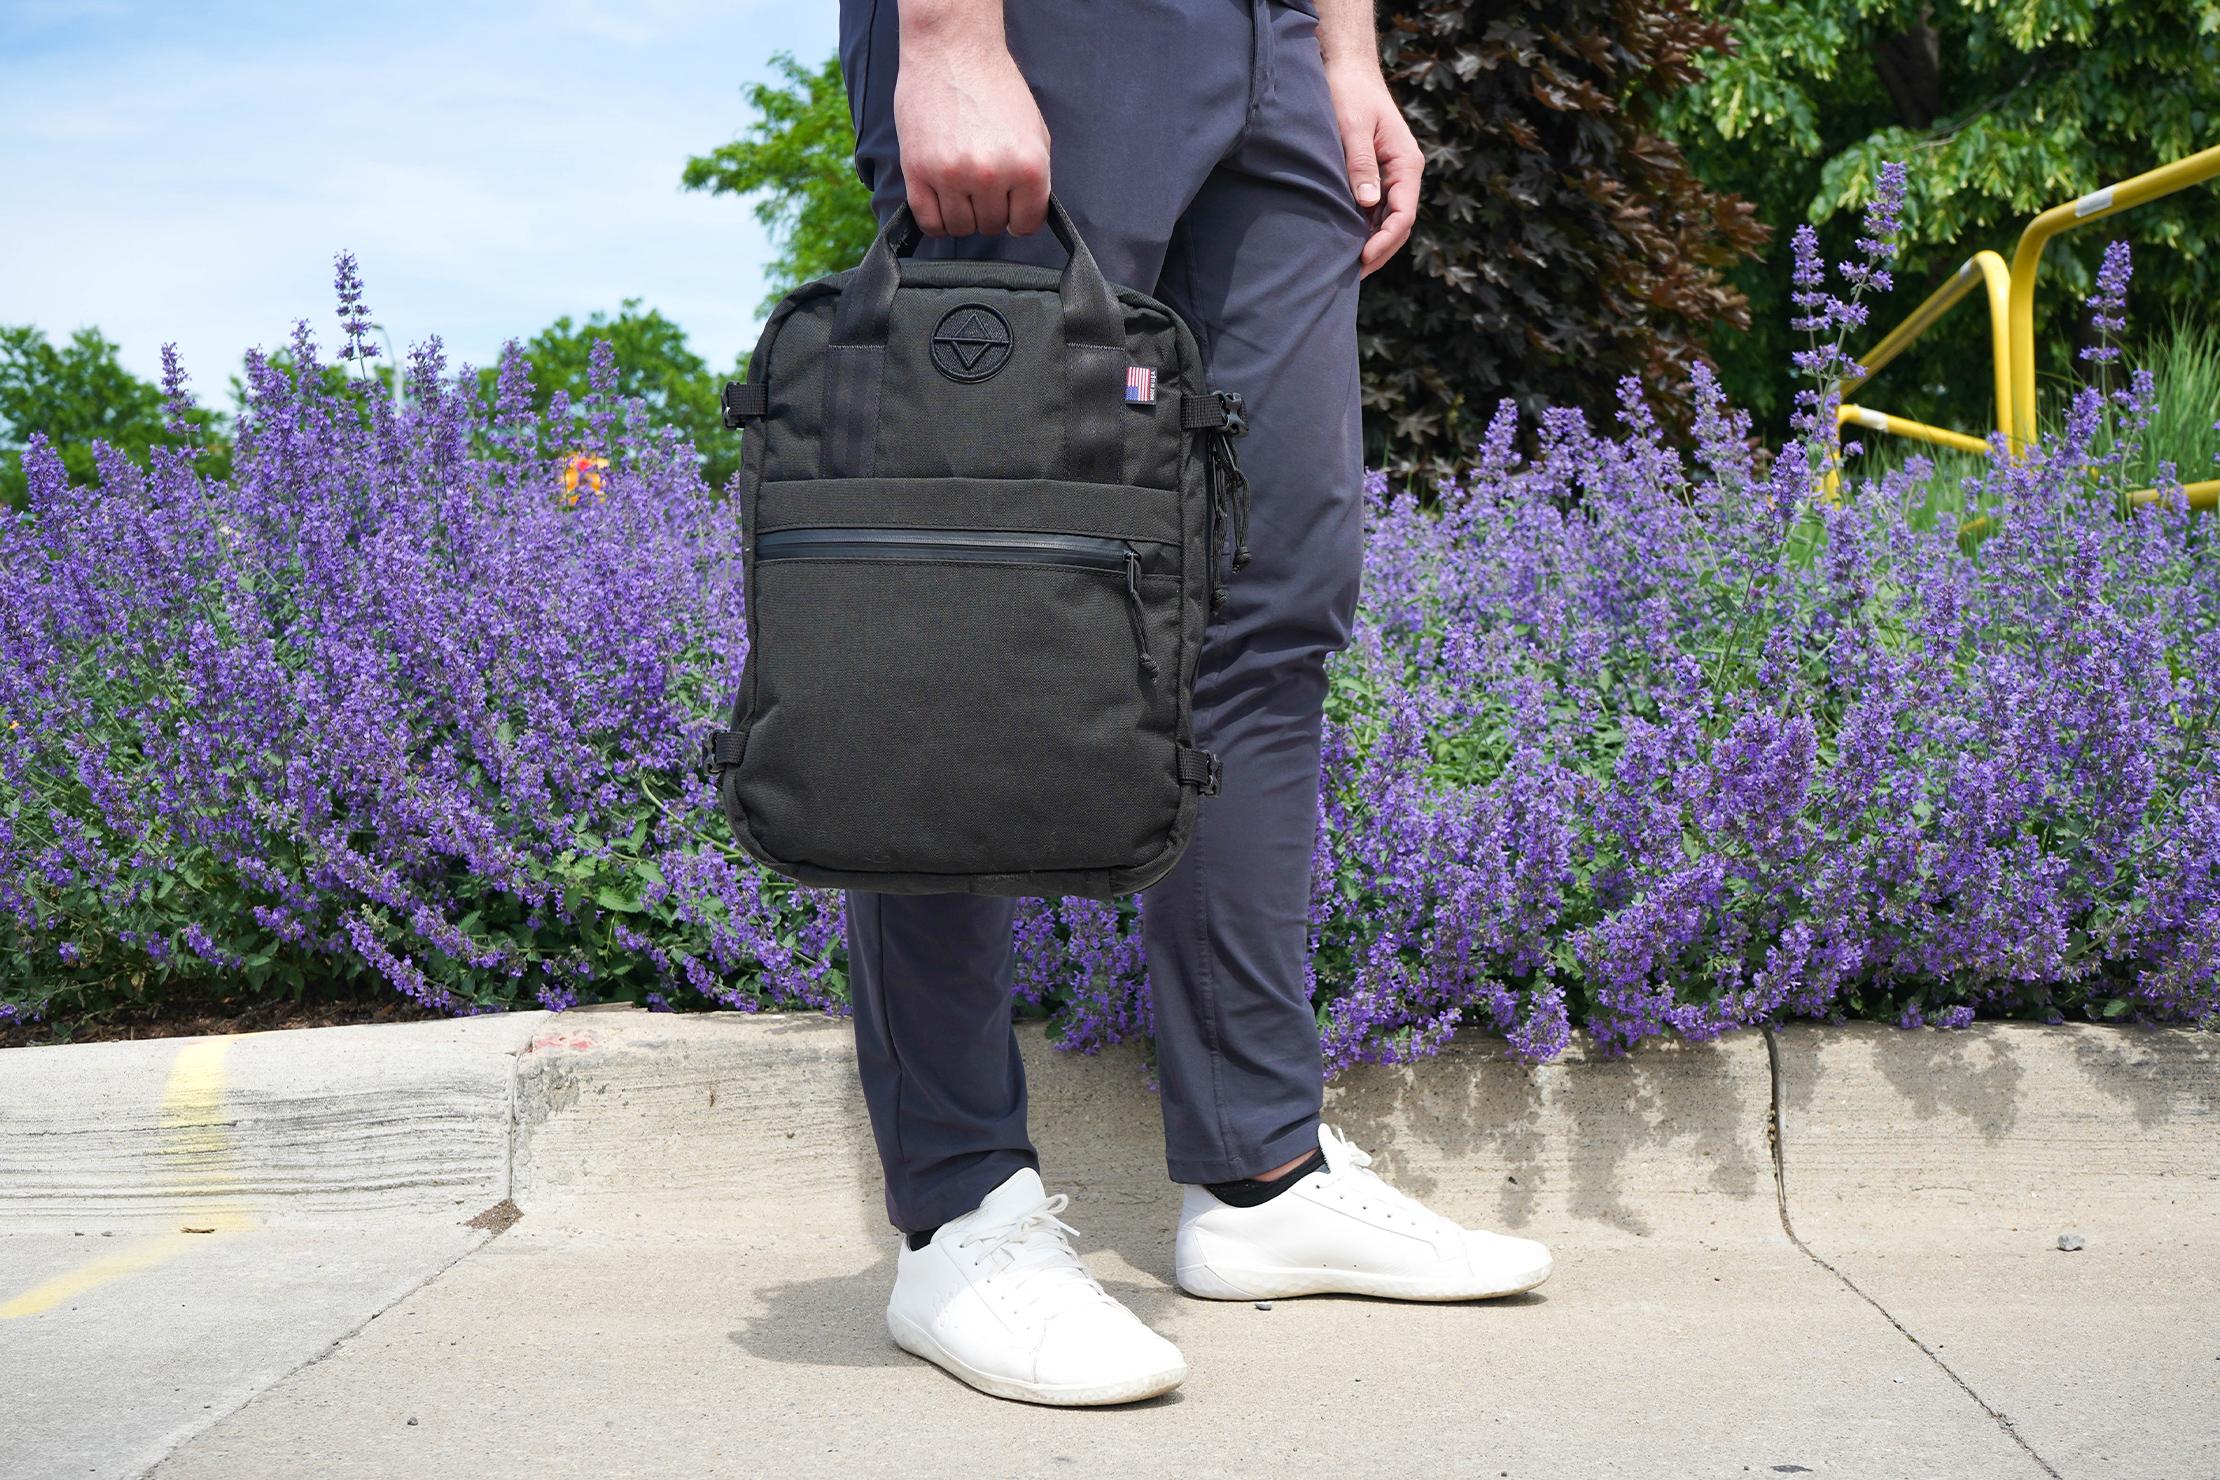 North St. Bags Weekender Meeting Bag Handle Carry